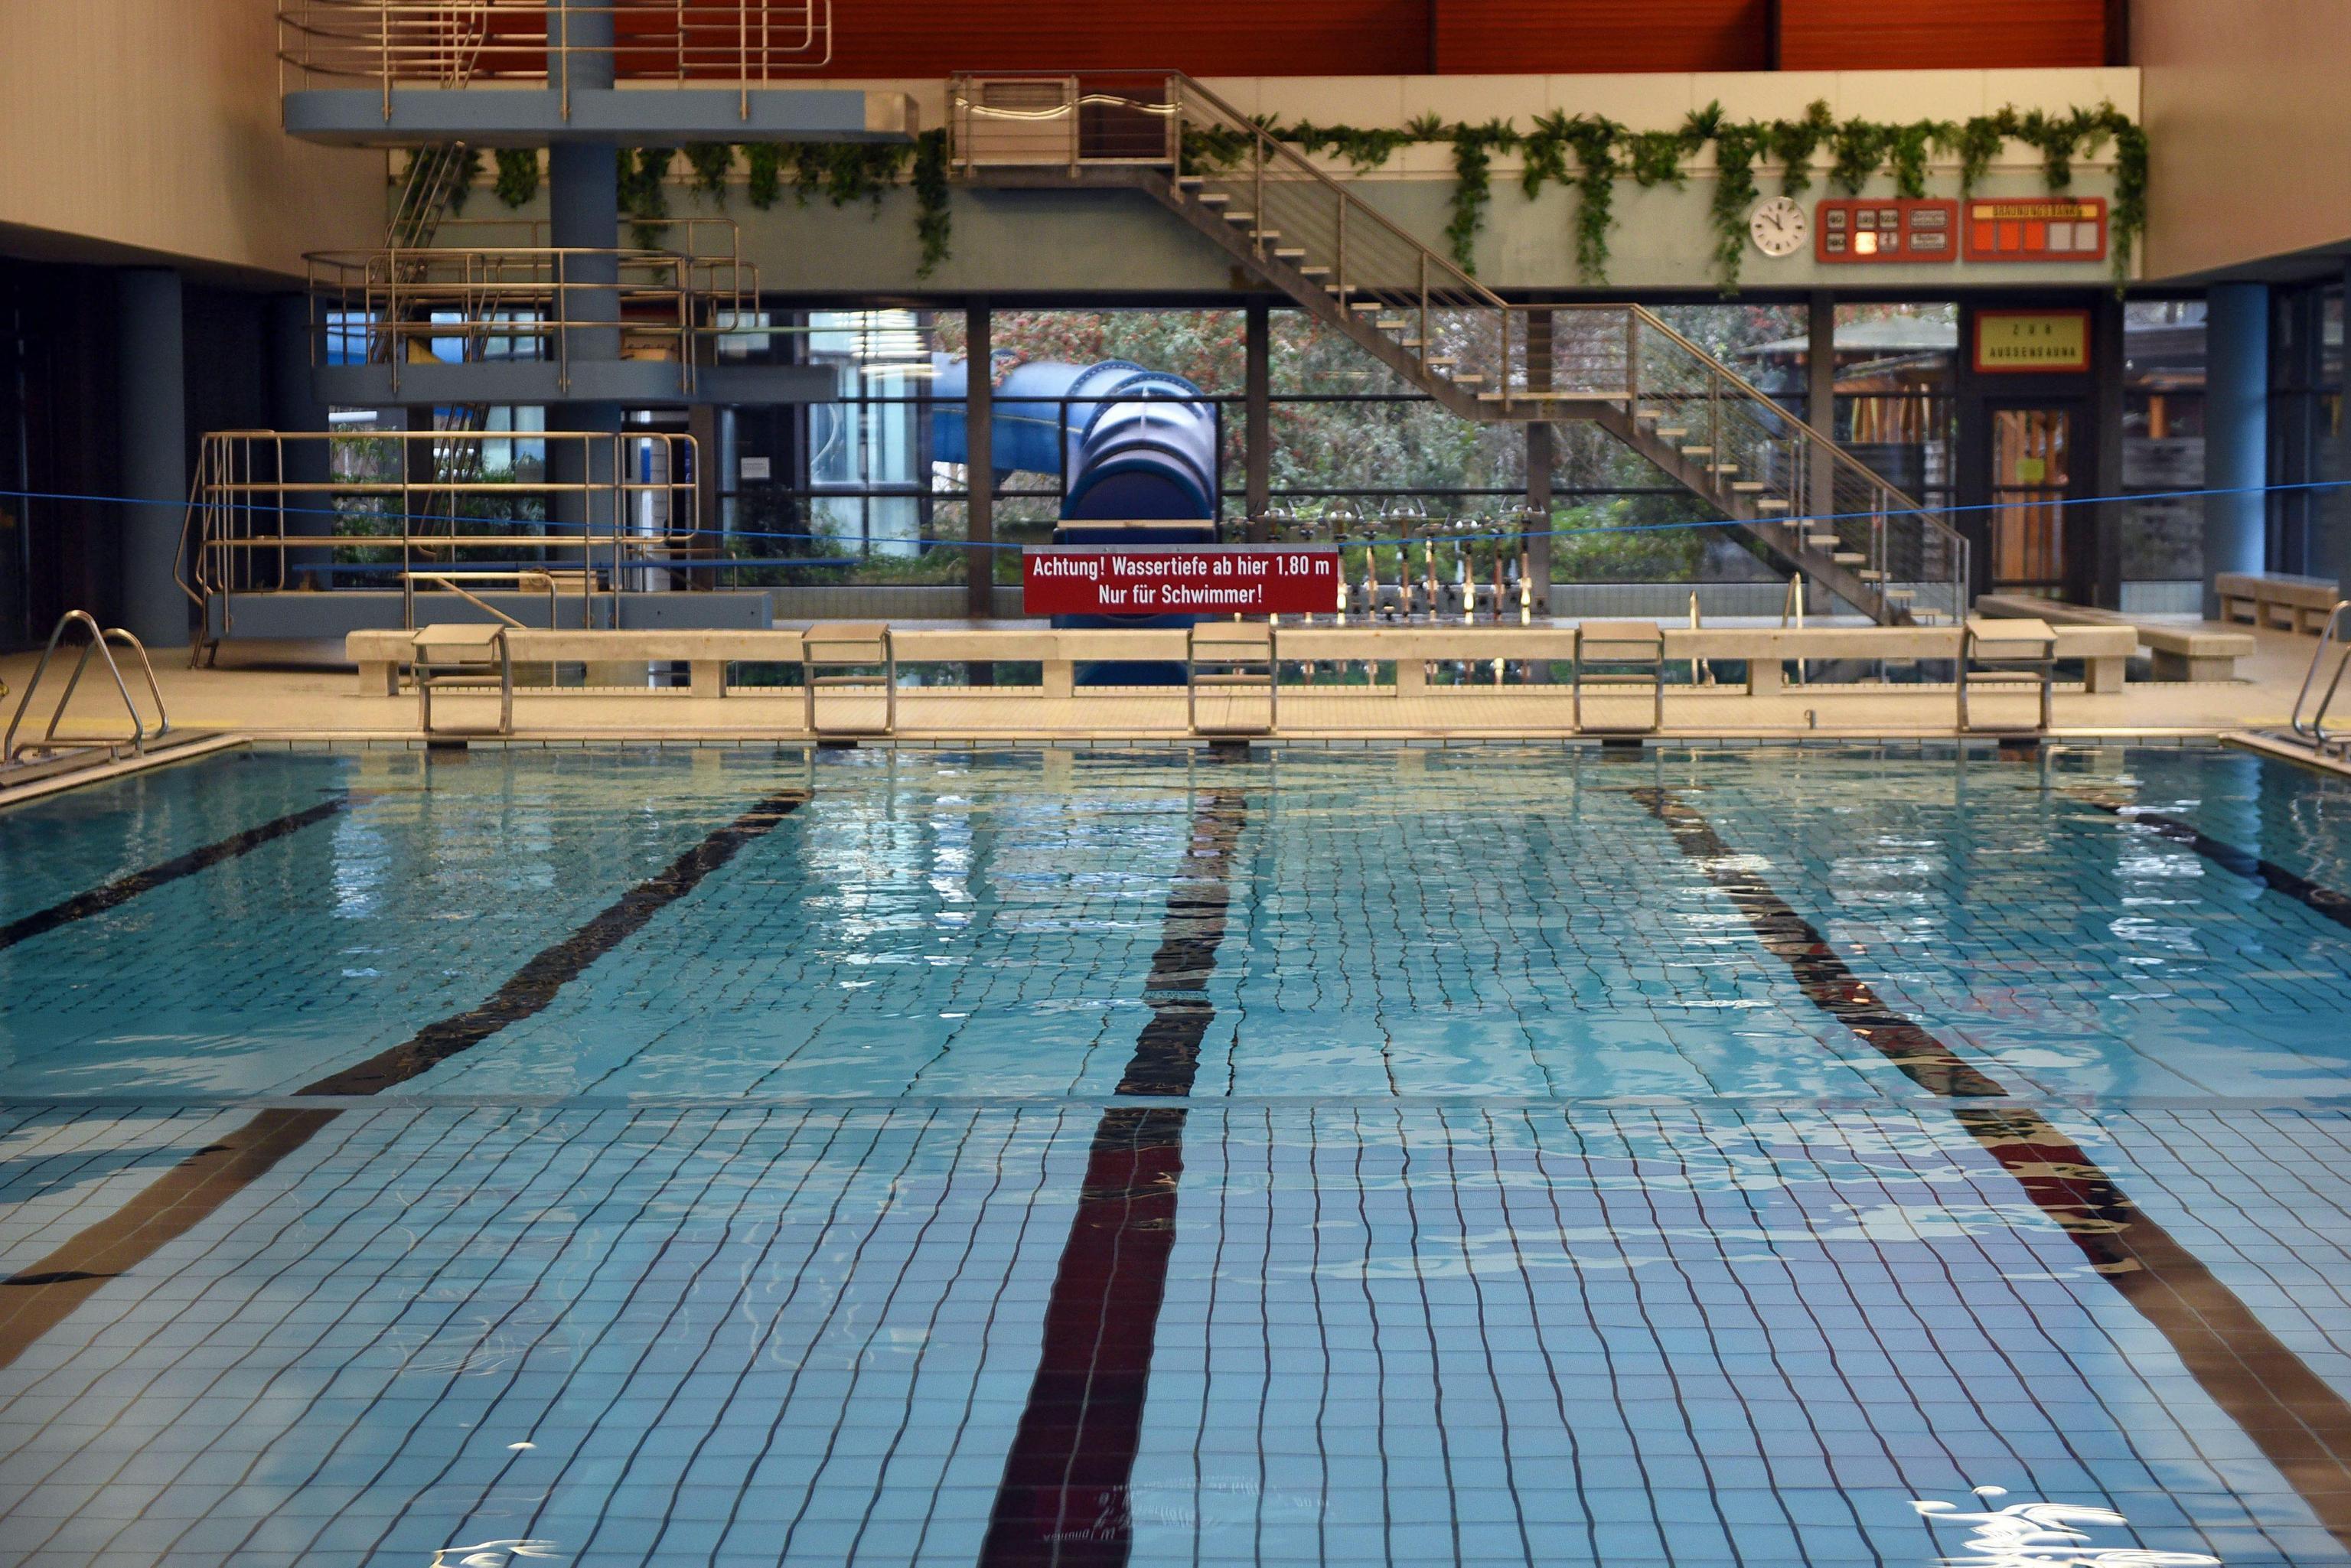 Genzano di Roma: mamma di 35 anni muore mentre si allena in piscina